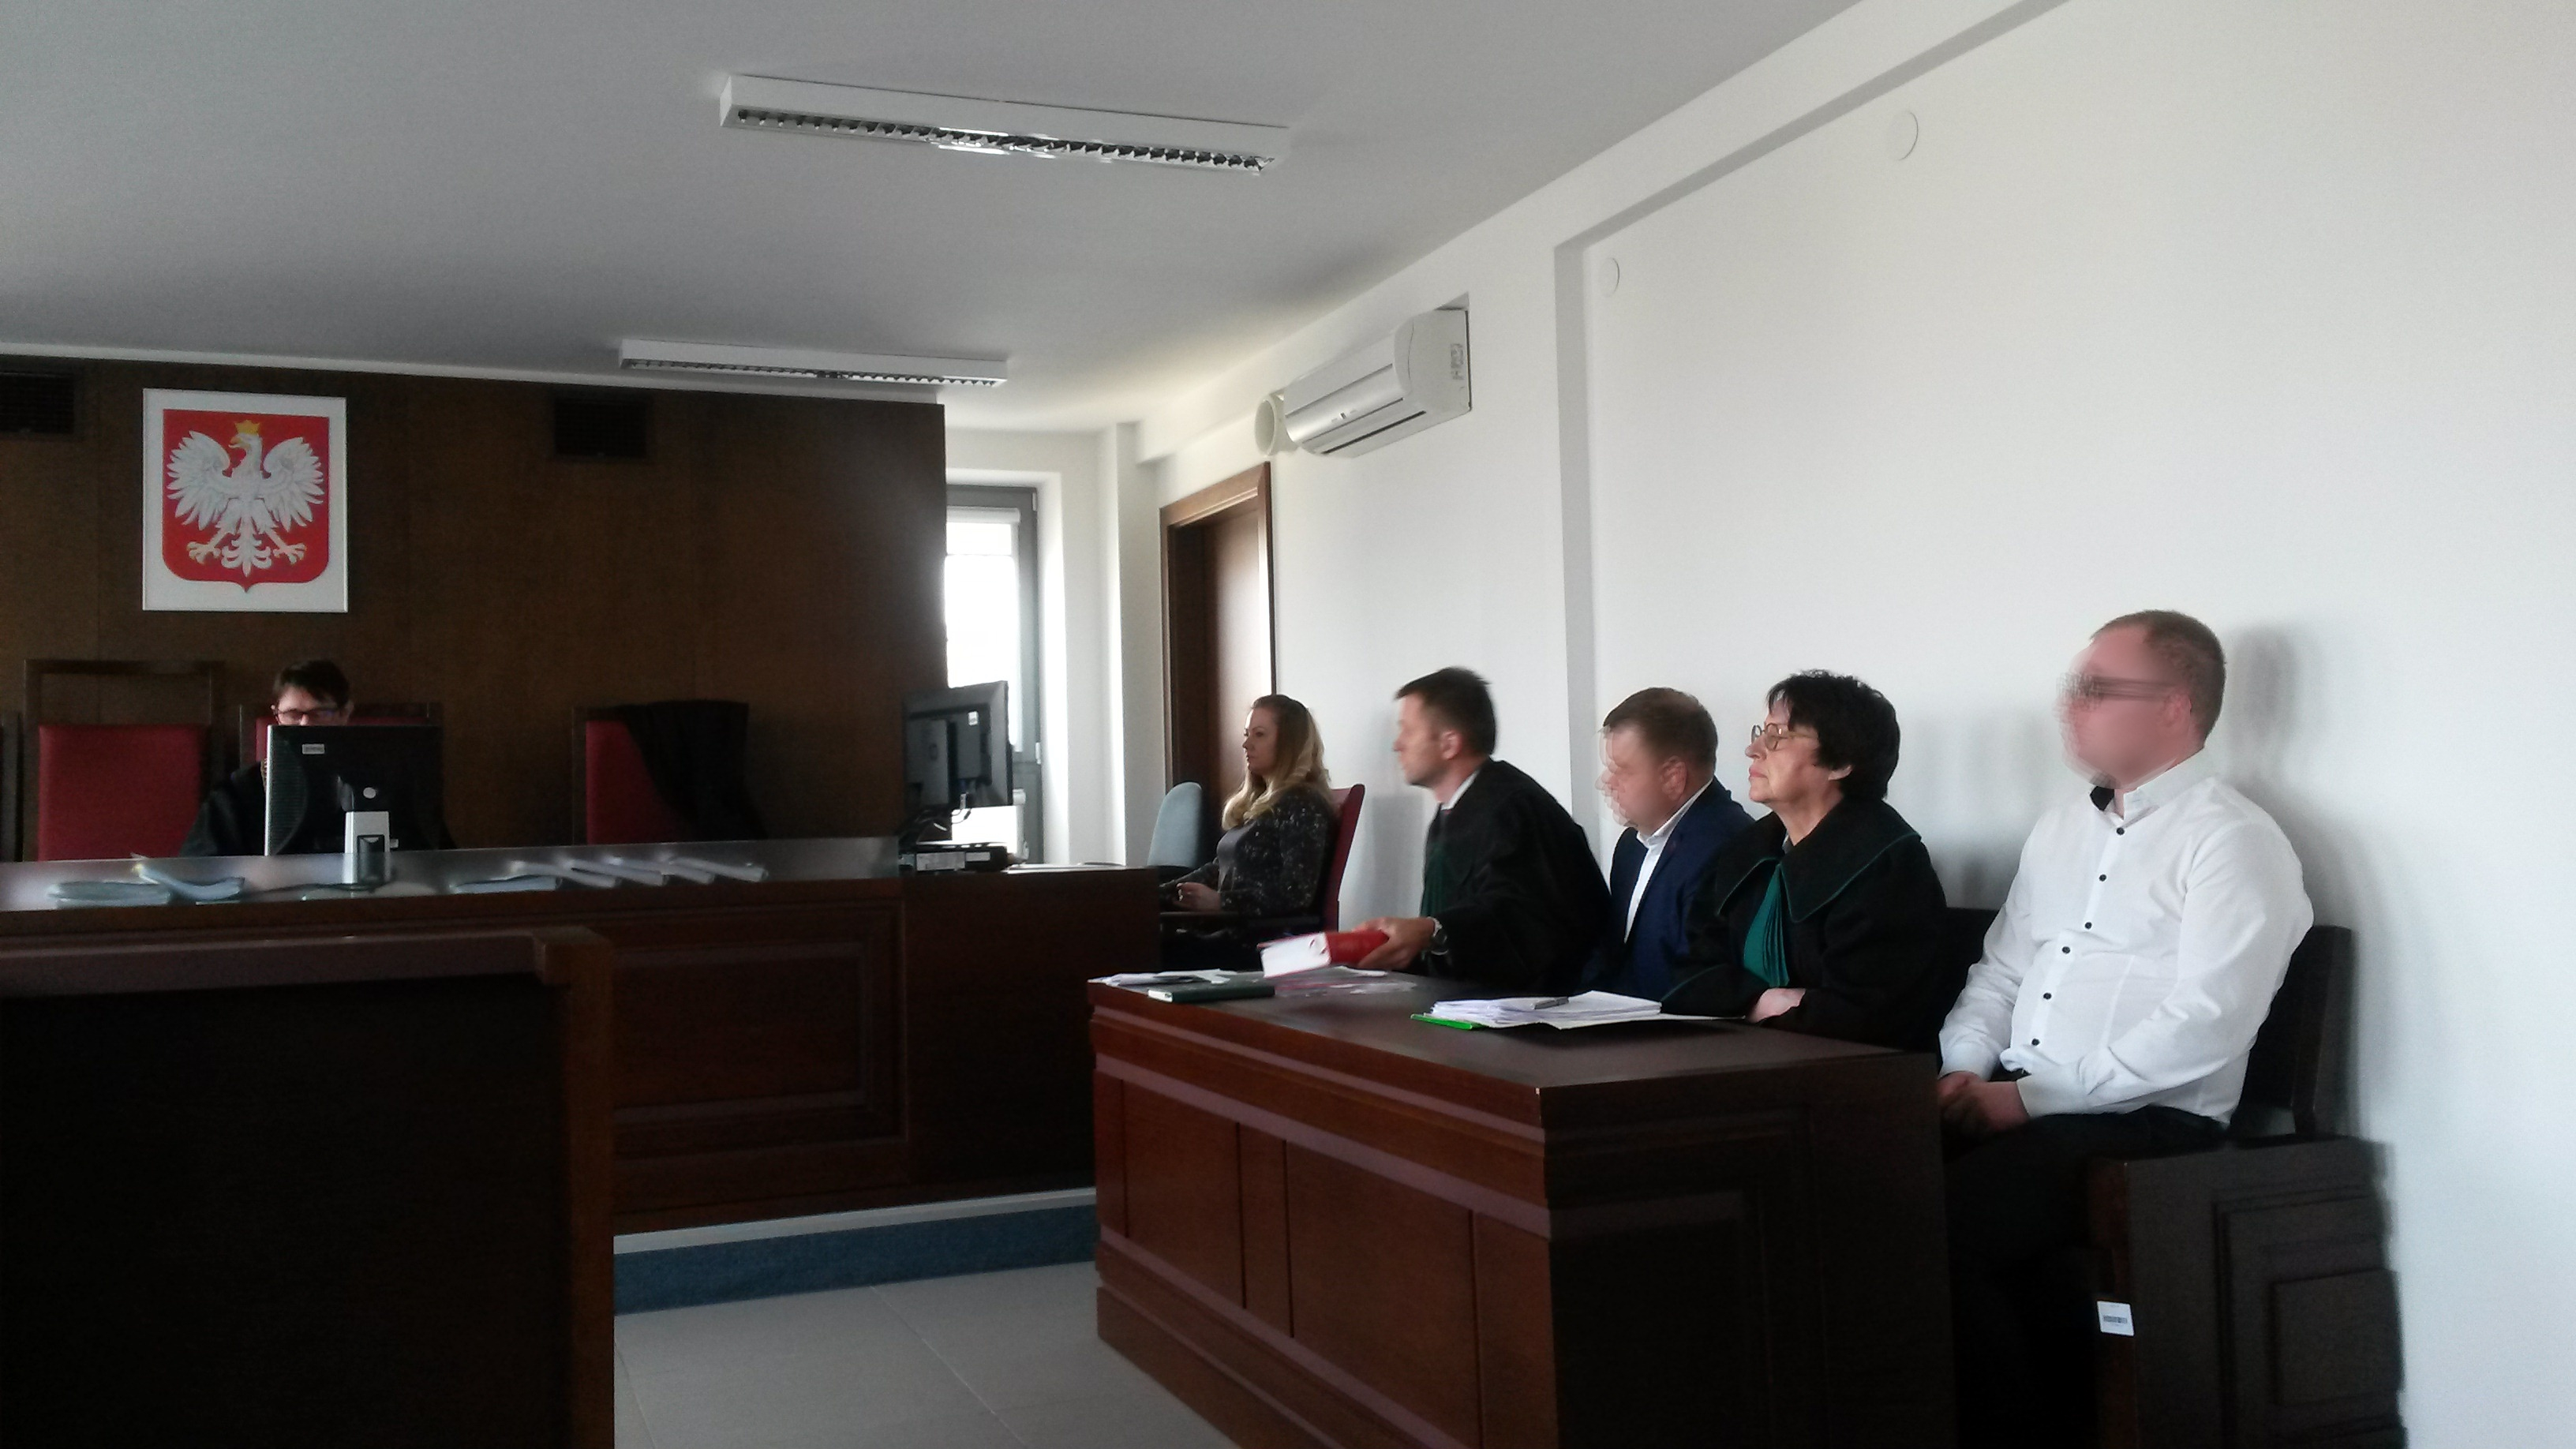 Sąd Okręgowy w Lublinie skierował sprawę dwóch przedsiębiorców zgminy Niemce do mediacji.